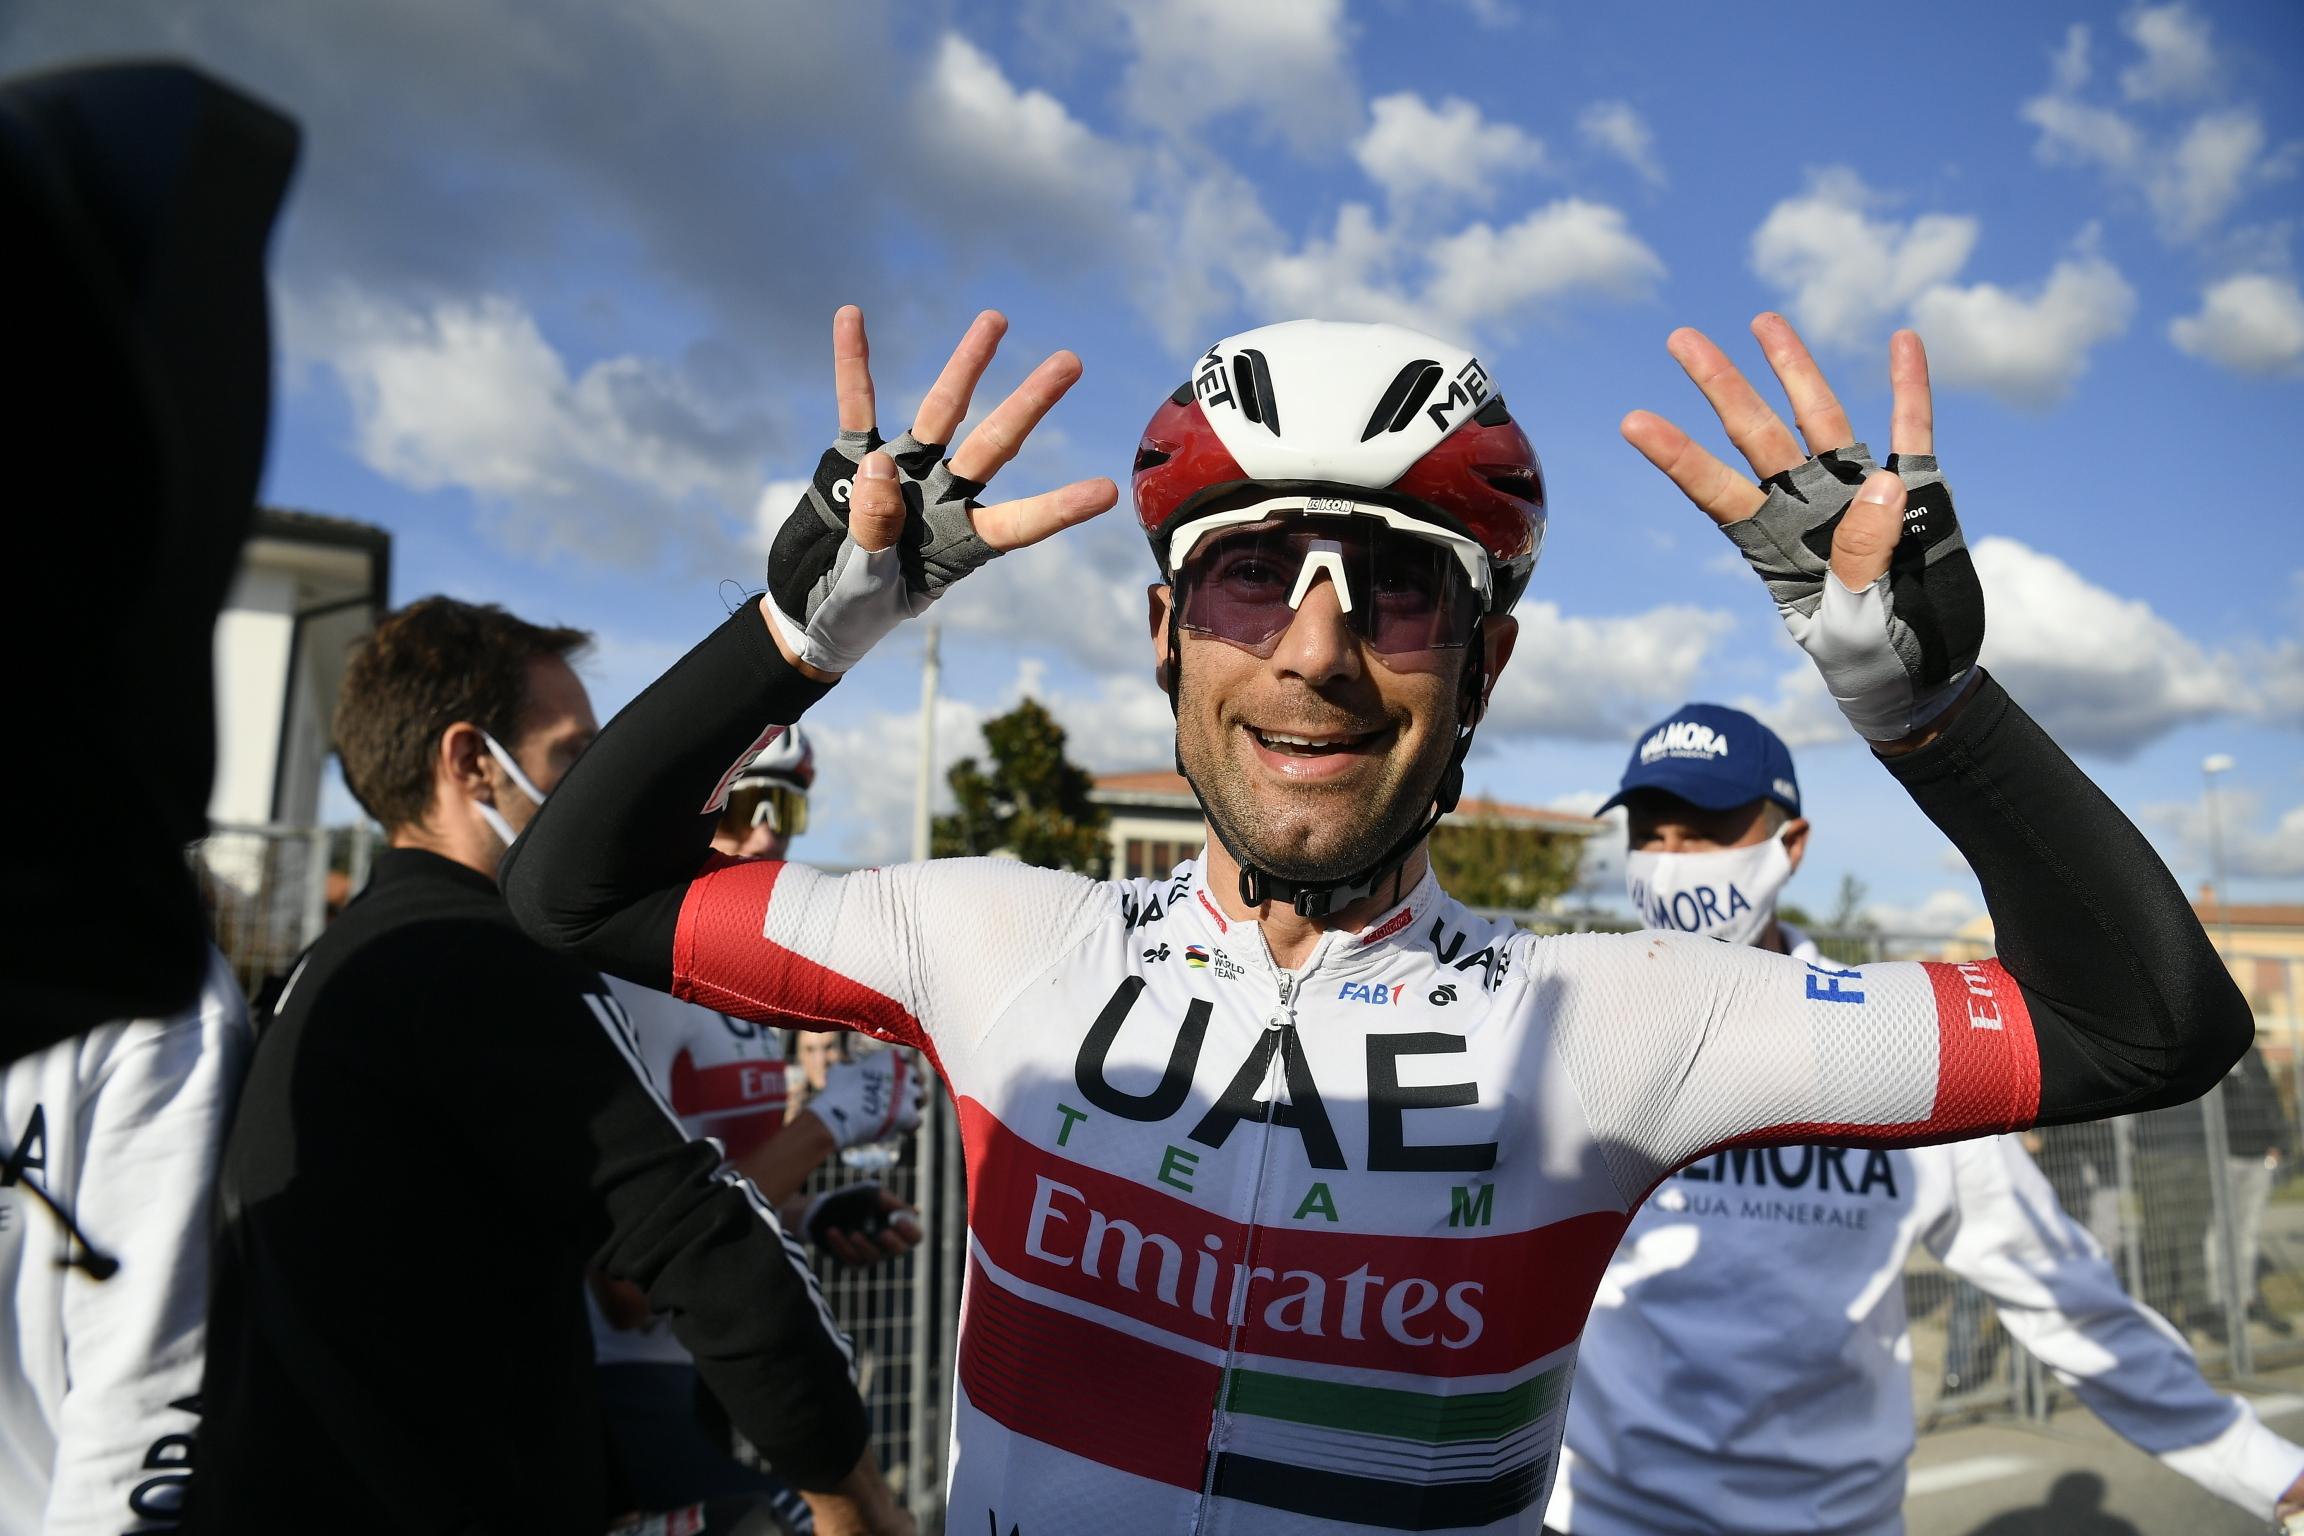 Se disputó la décimo tercera etapa del Giro de Italia